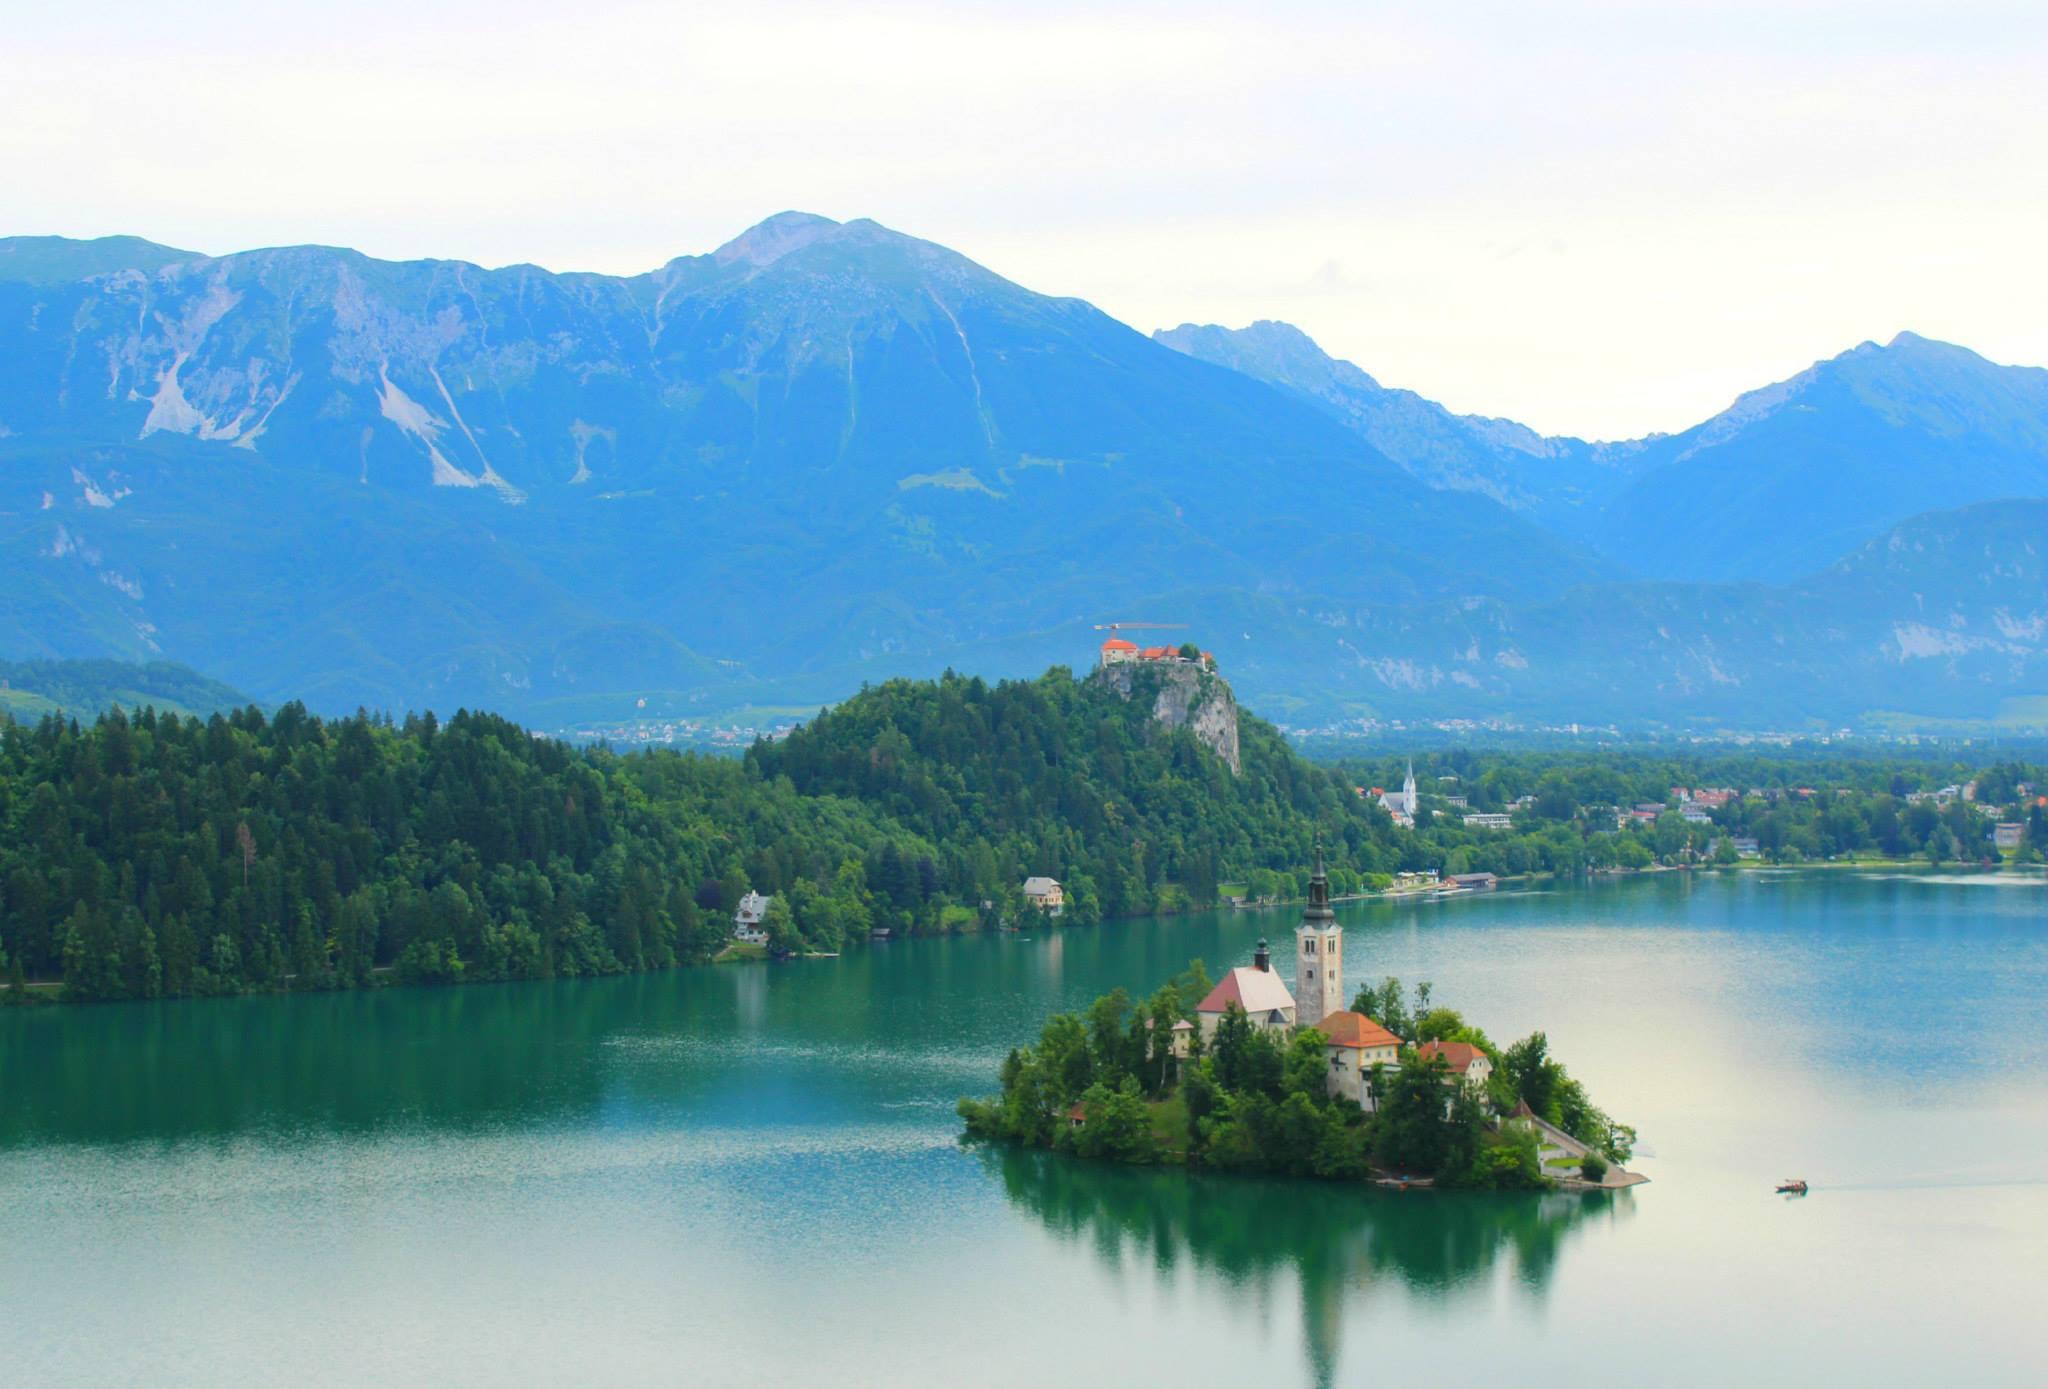 A Romantic Island on the most Idyllic lake!